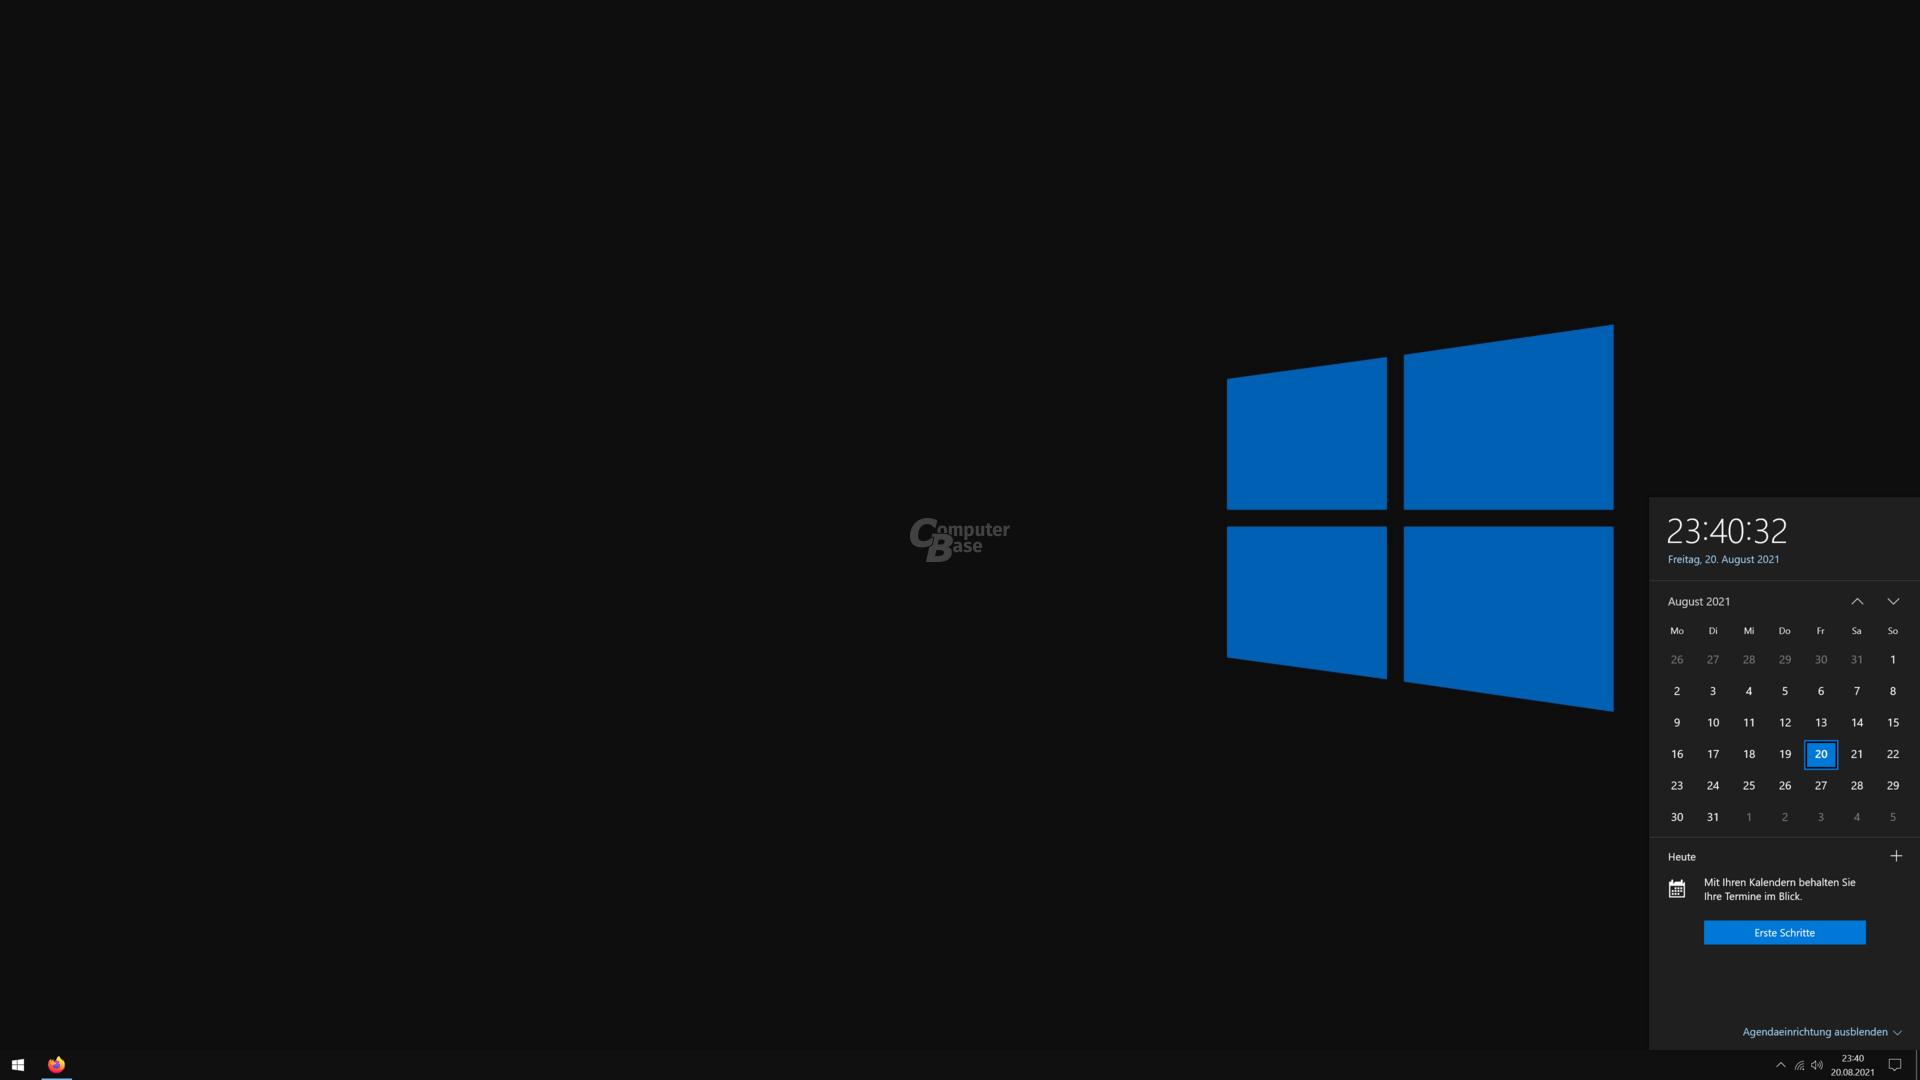 El calendario en la bandeja del sistema de Windows 10 muestra citas y eventos